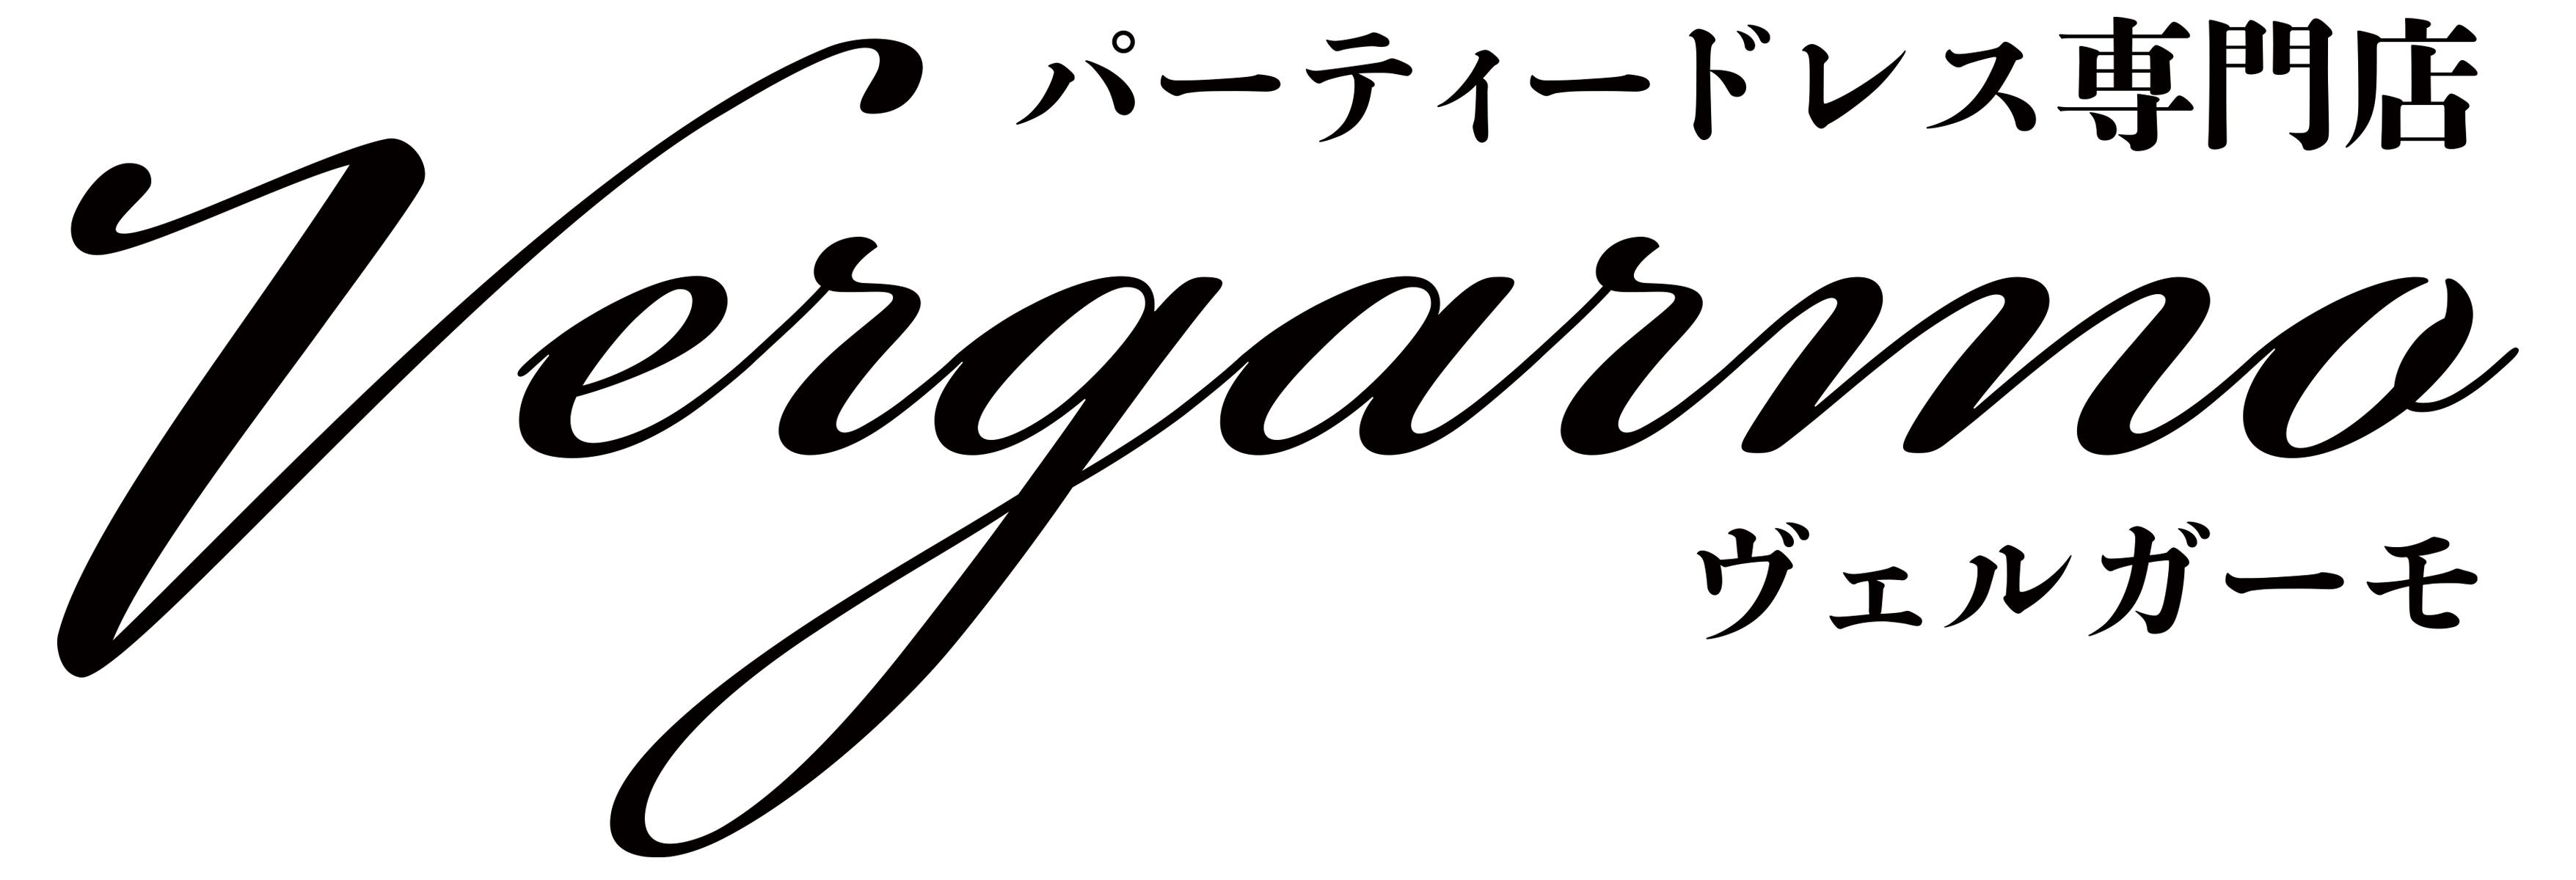 Vergarmo(ヴェルガーモ)